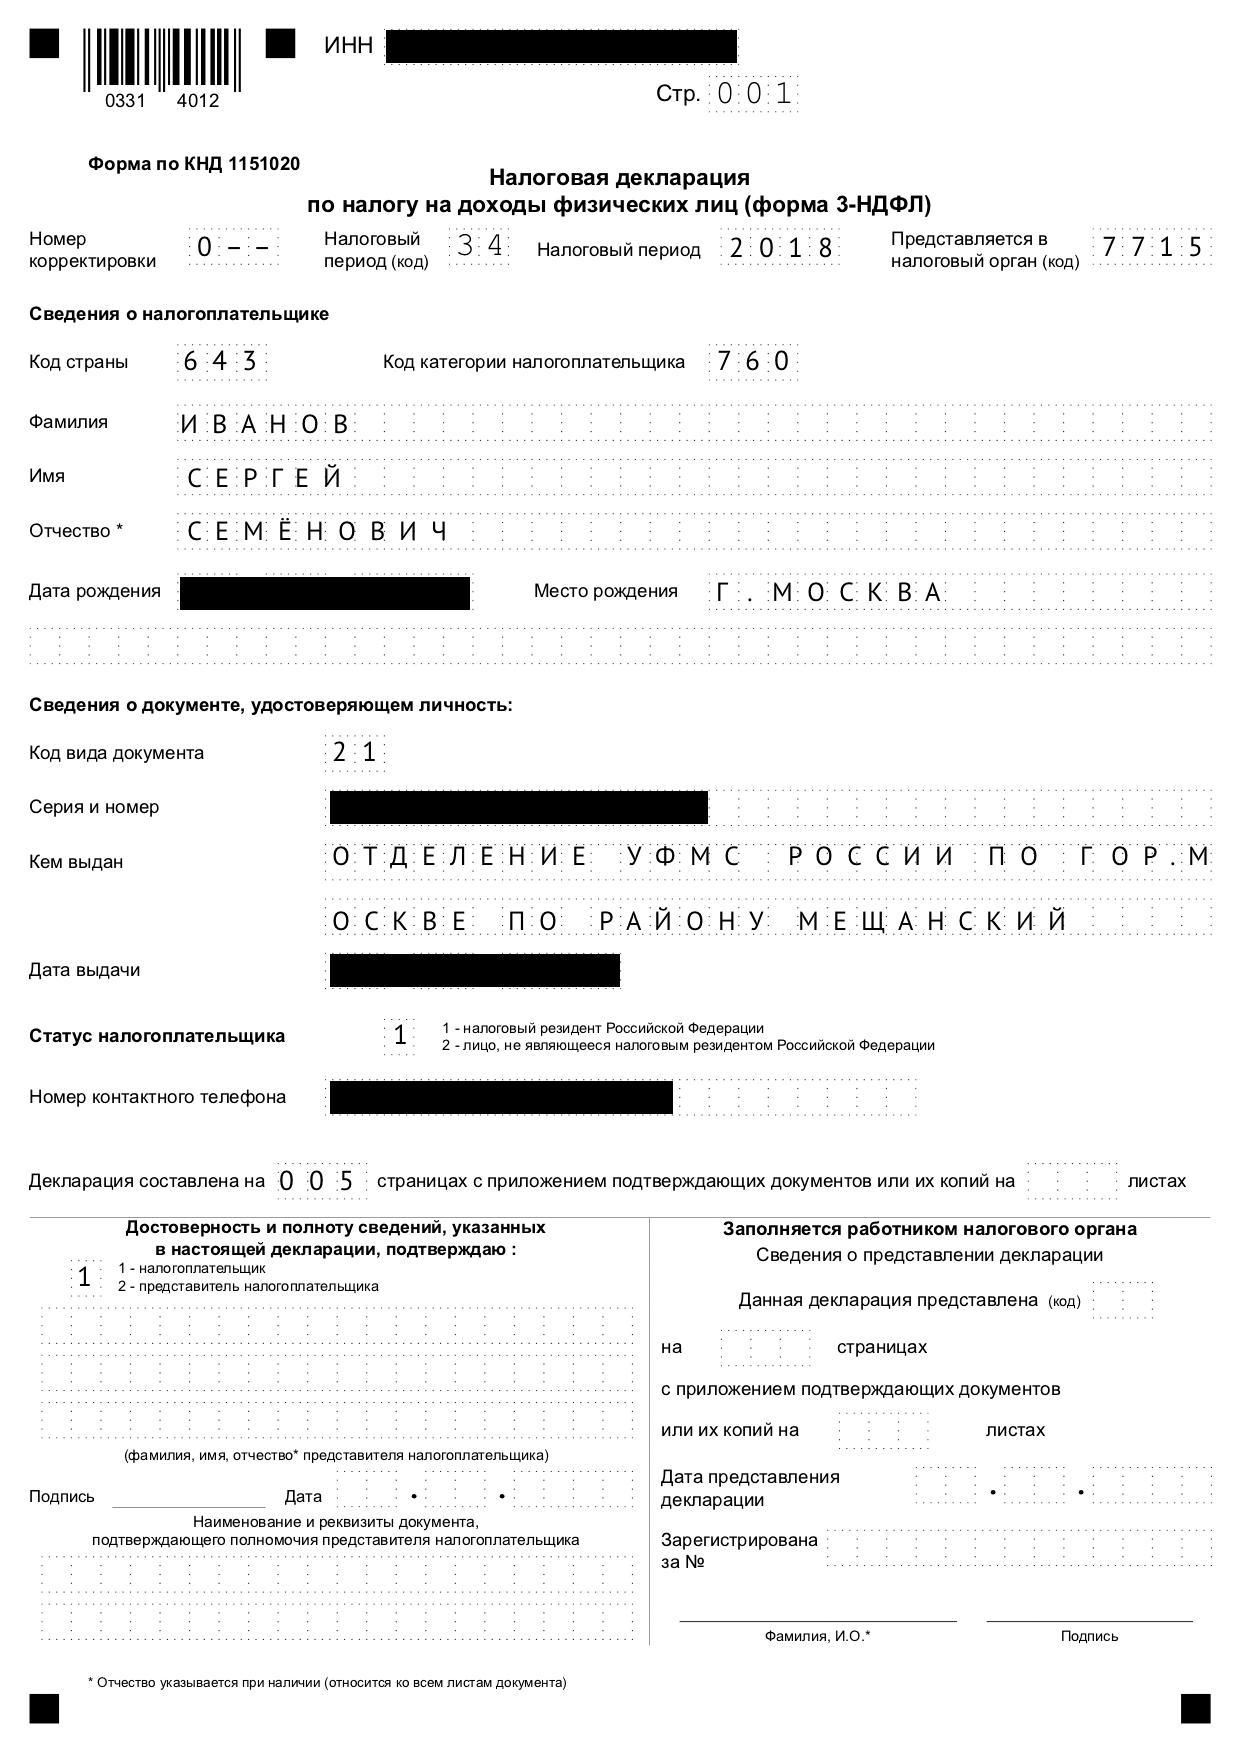 2 ндфл сроки сдачи декларации